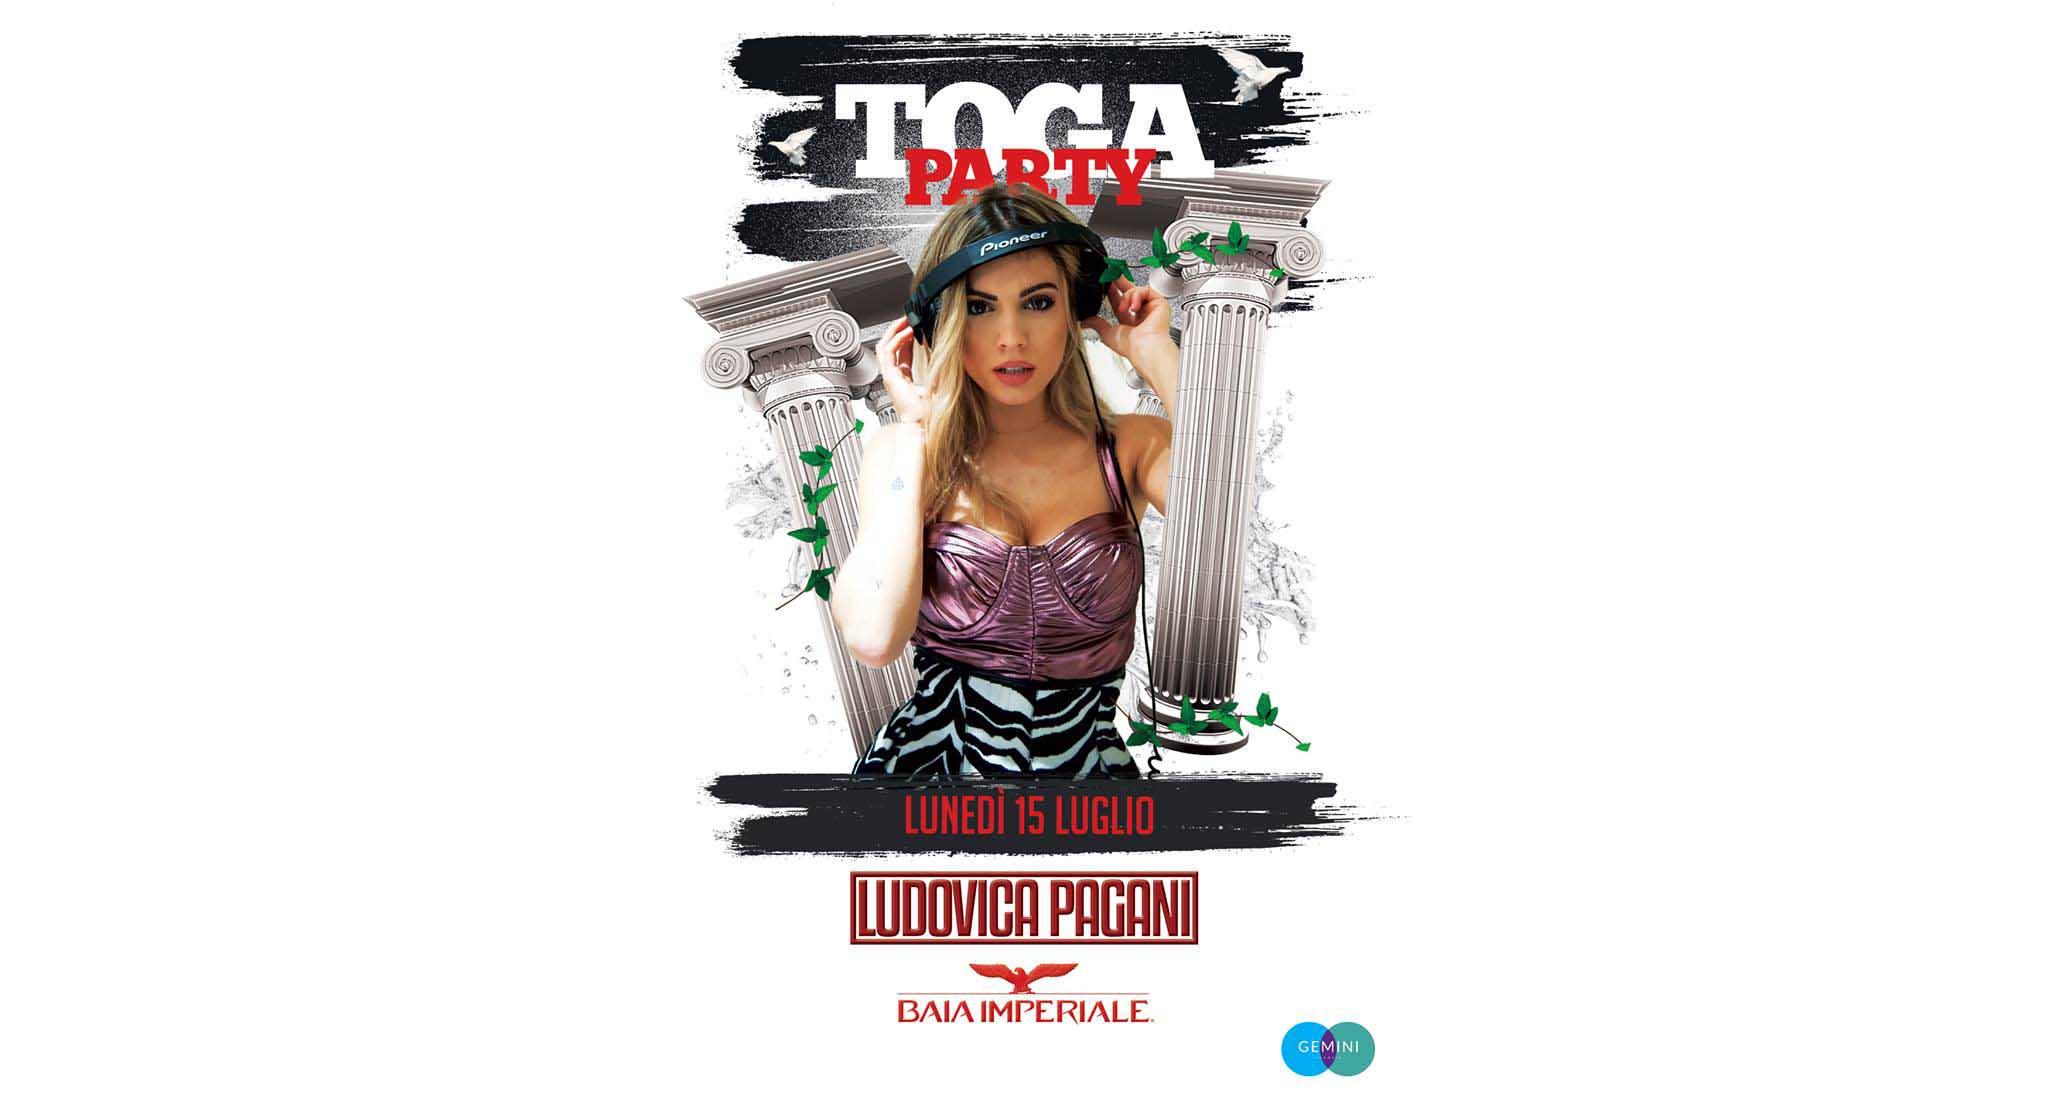 Baia Imperiale – Toga Party – Lunedì 15 Luglio 2019 –  Ticket-Biglietti 18app – Tavoli – Pacchetti Hotel